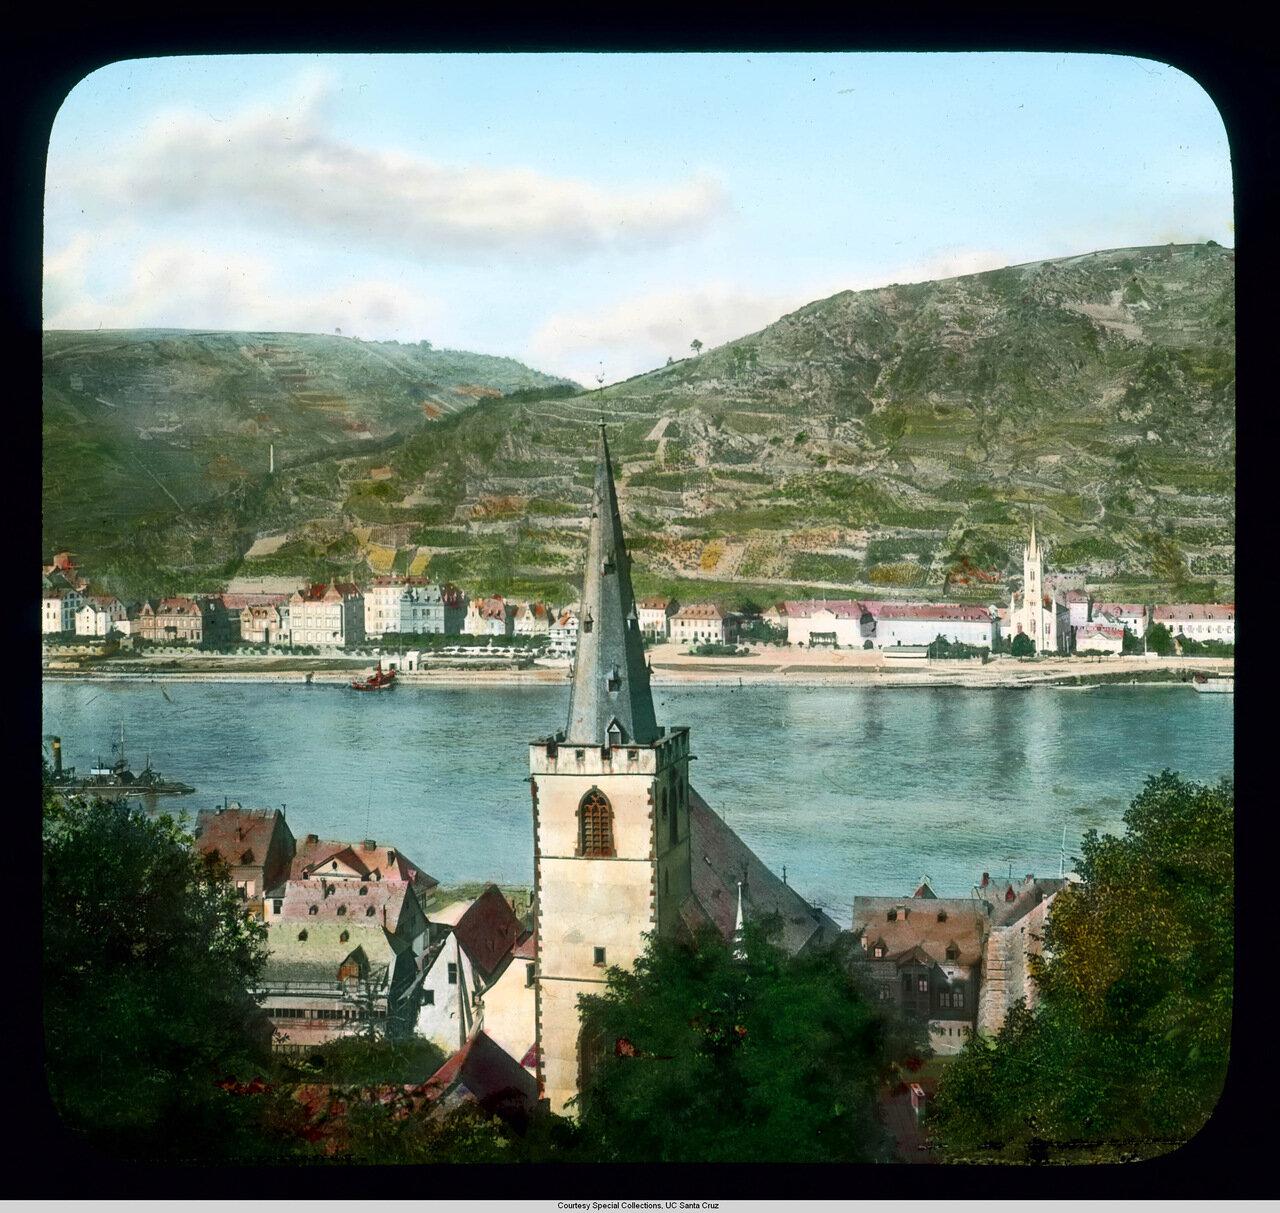 Рейнская долина.  Санкт-Гоарсхаузен.